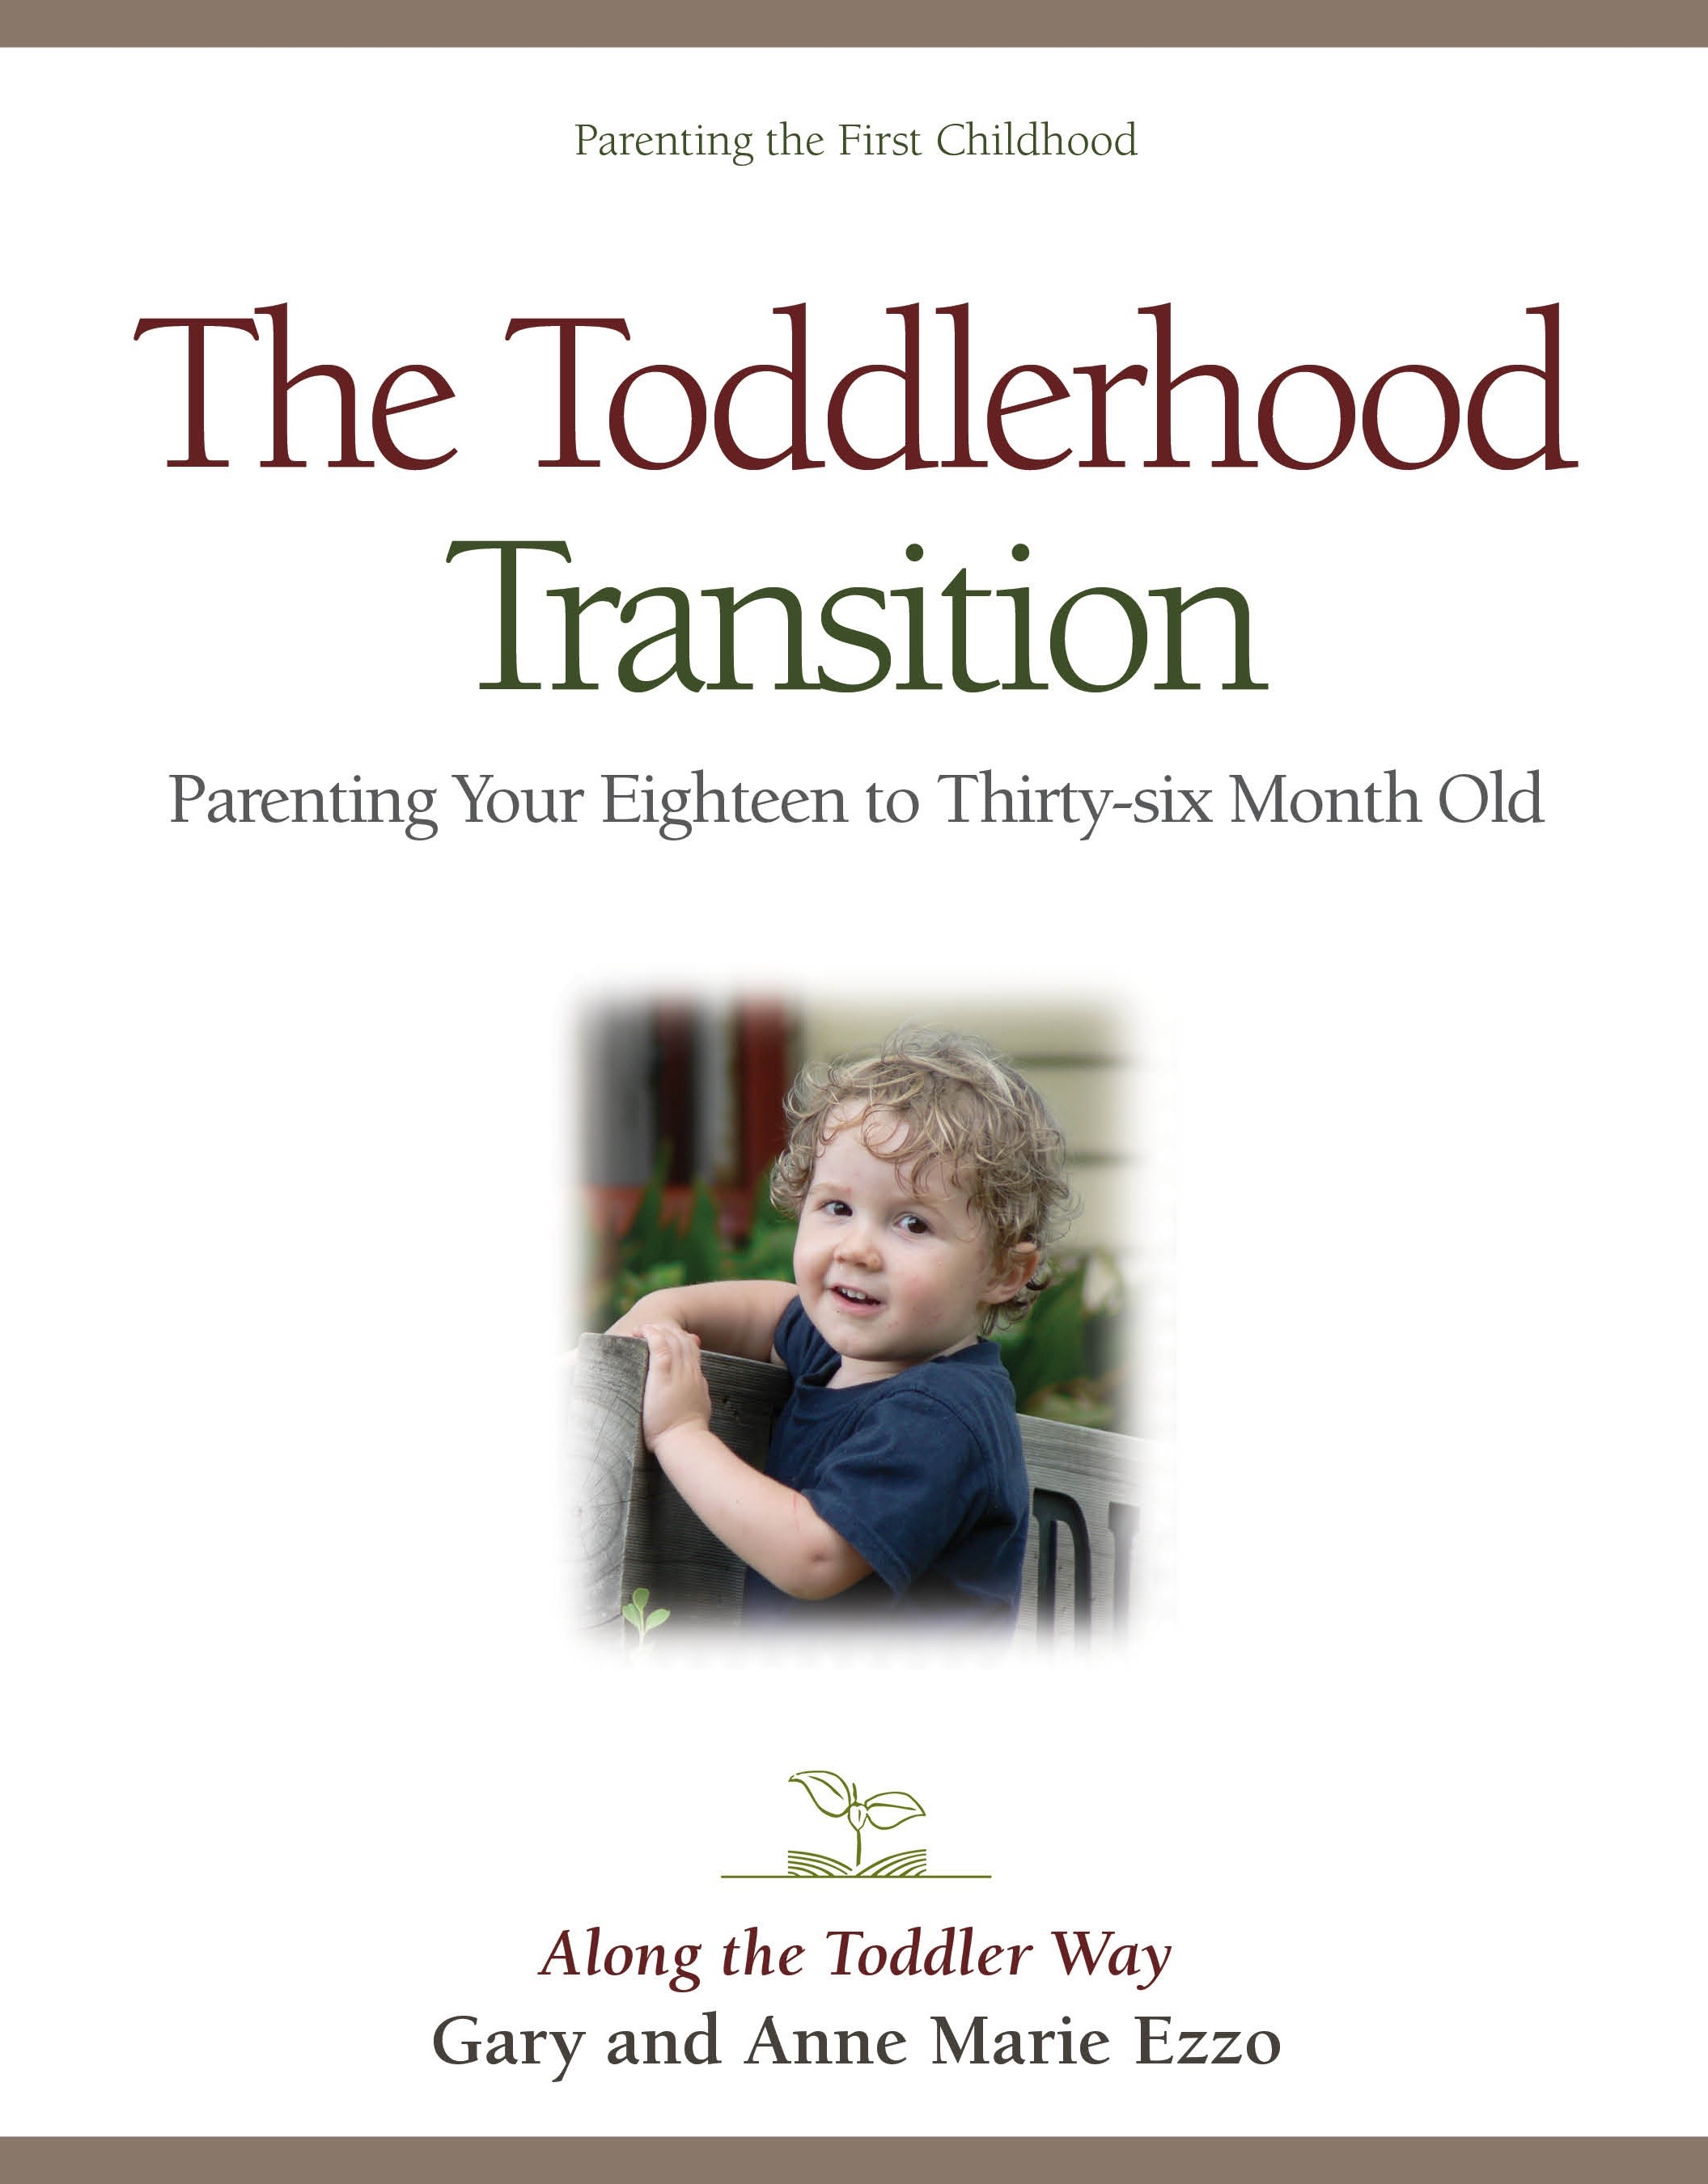 402 Toddlerhood Crop.jpg